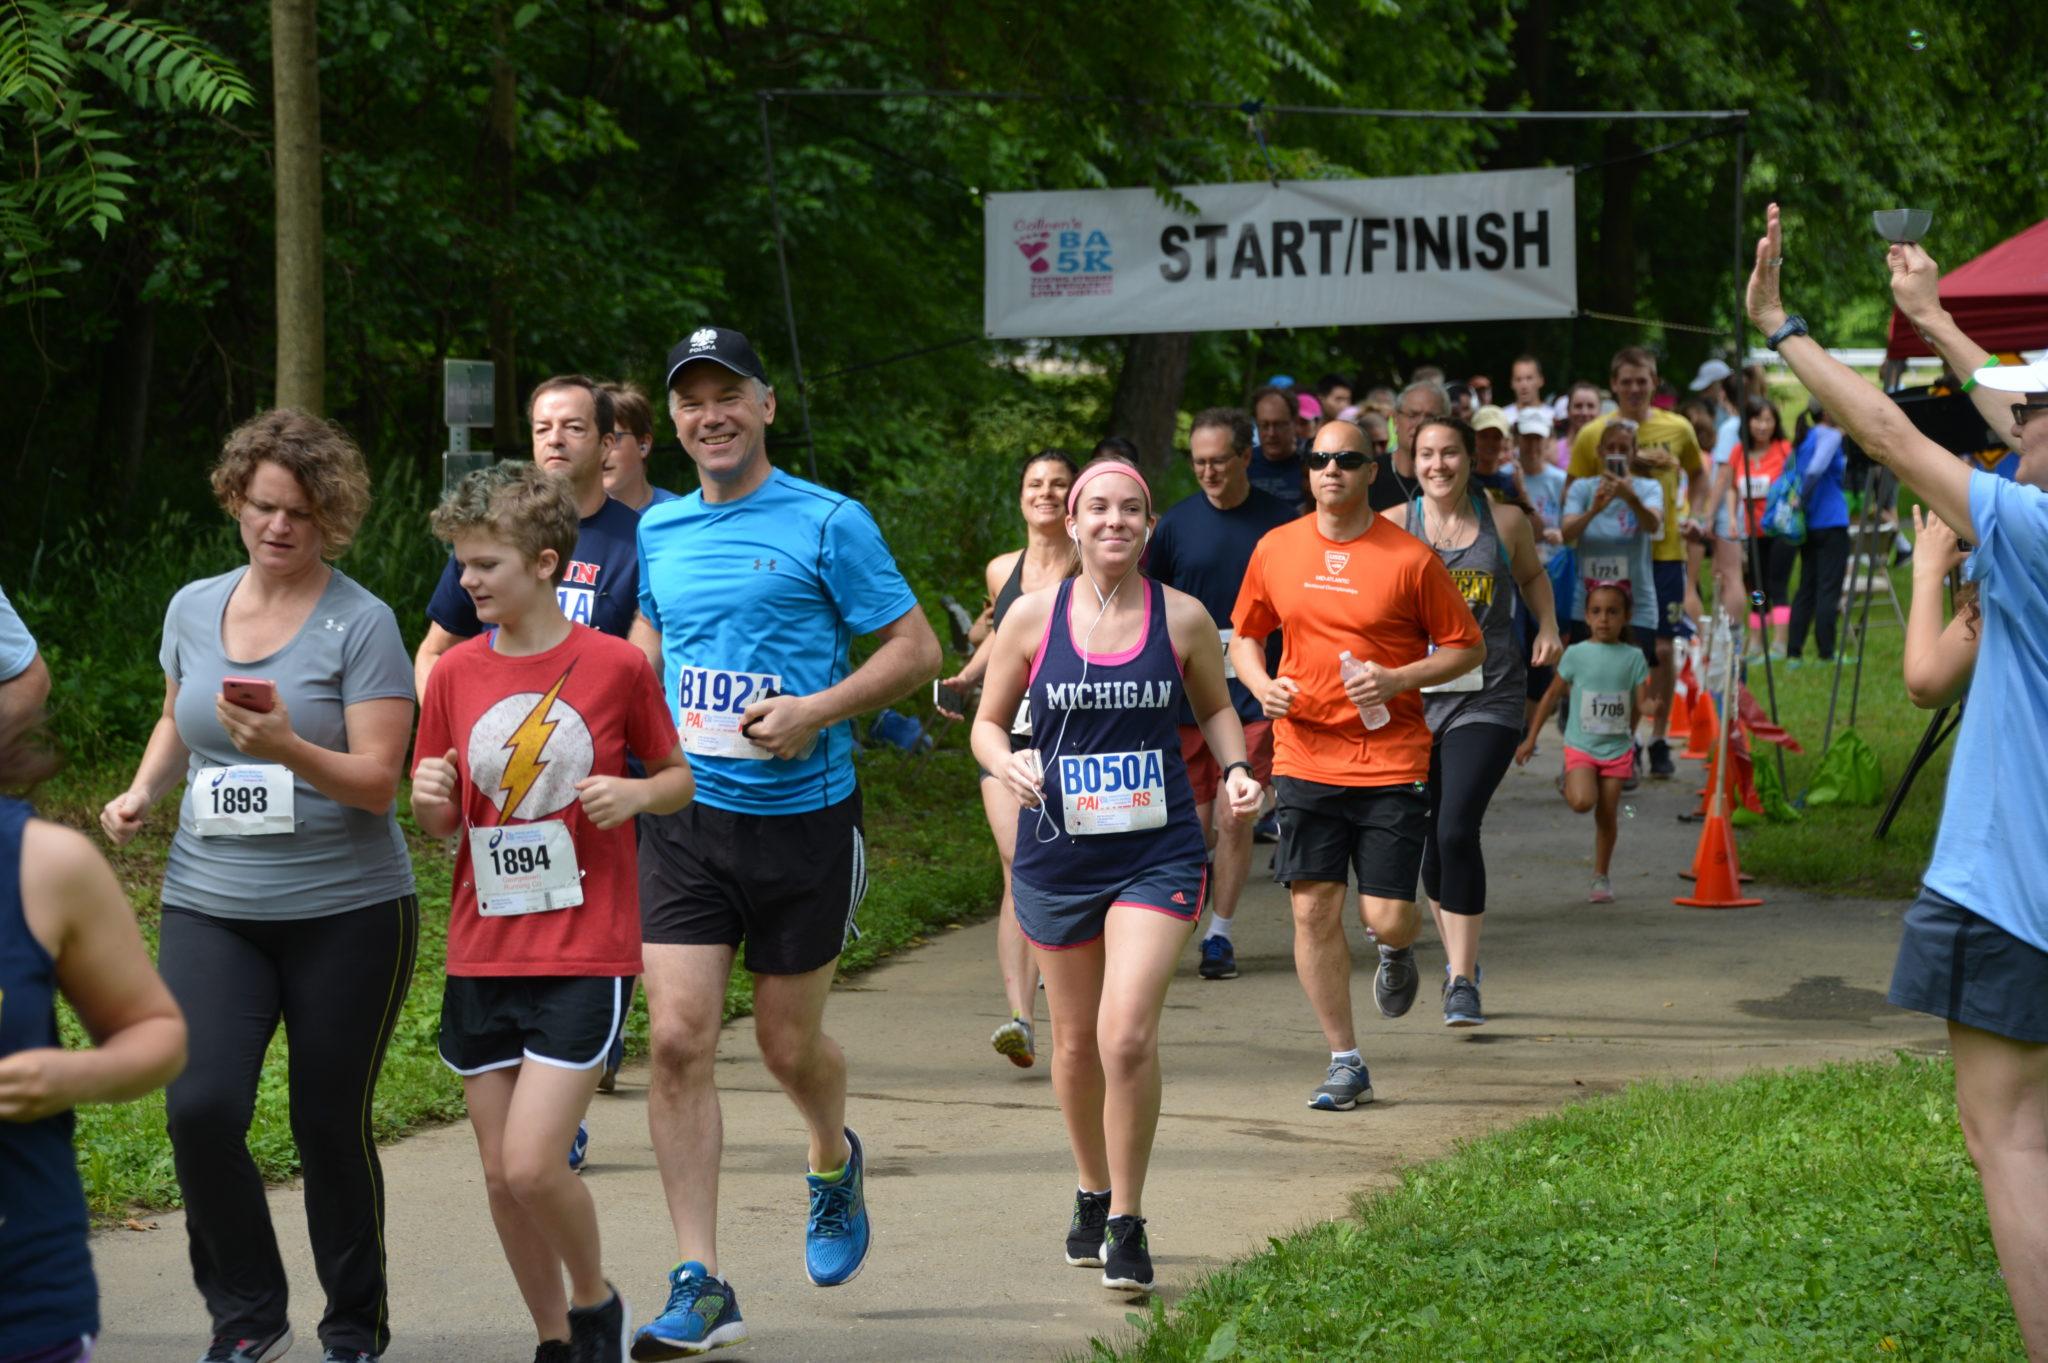 Run start2